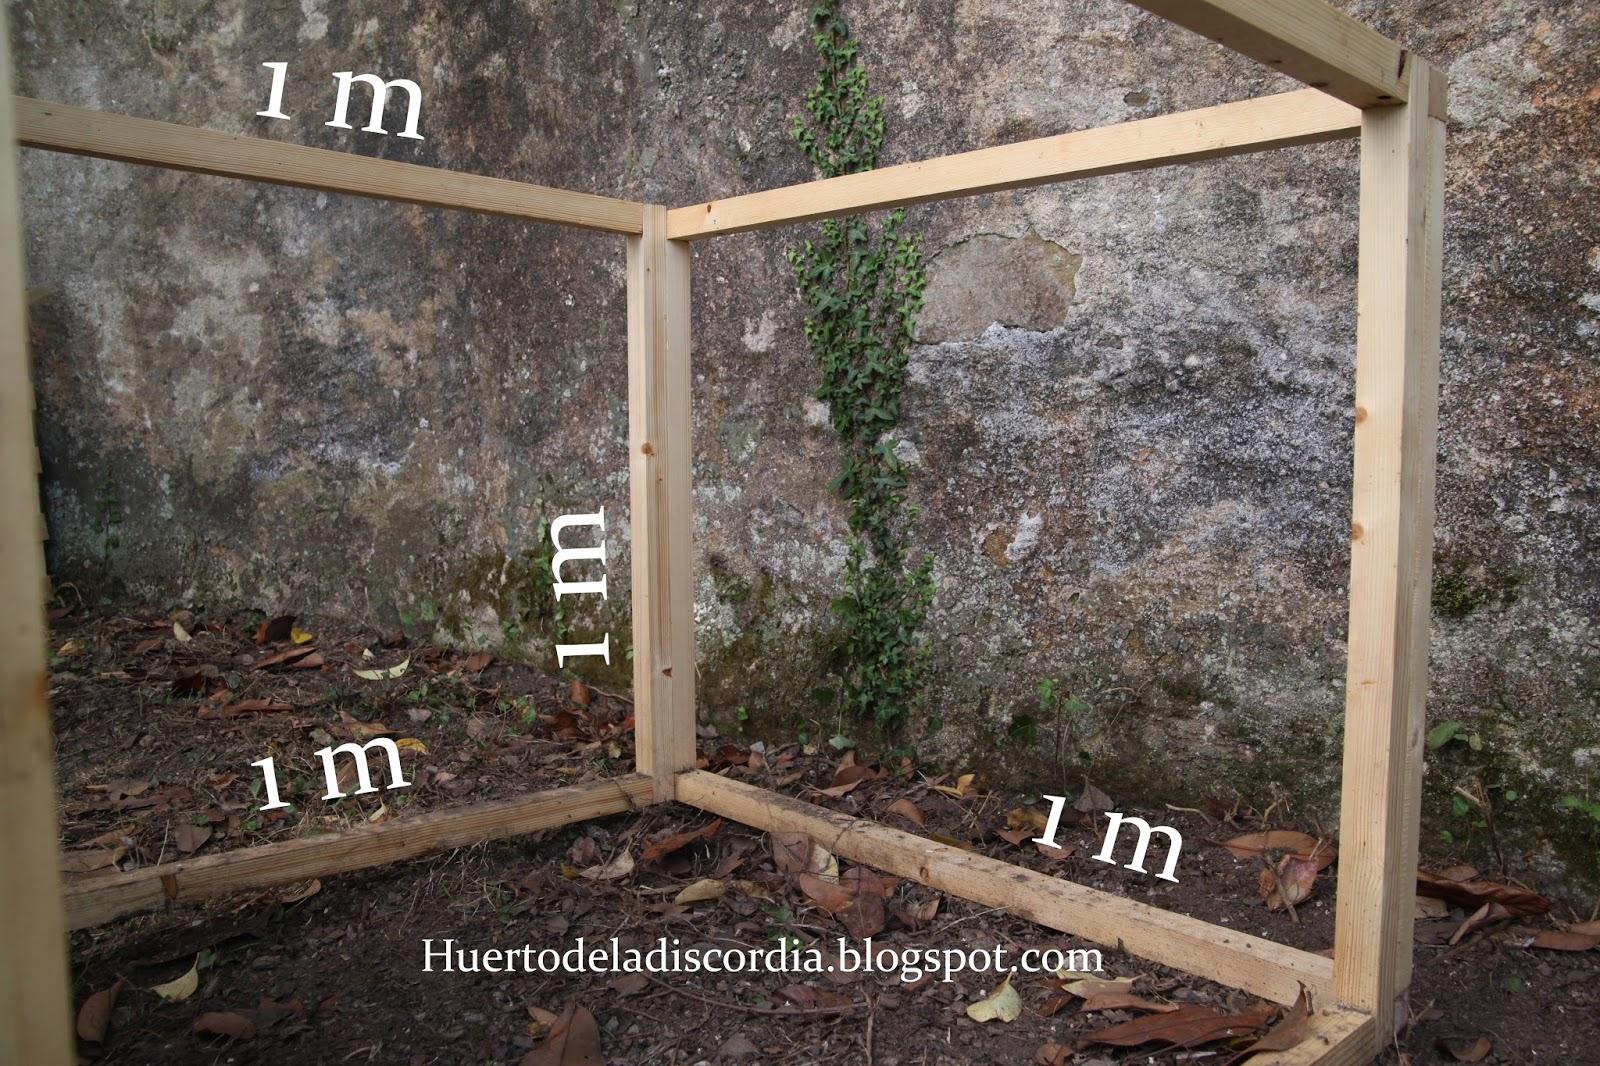 El huerto de la discordia c mo construir un gallinero casero - Gallineros de obra ...